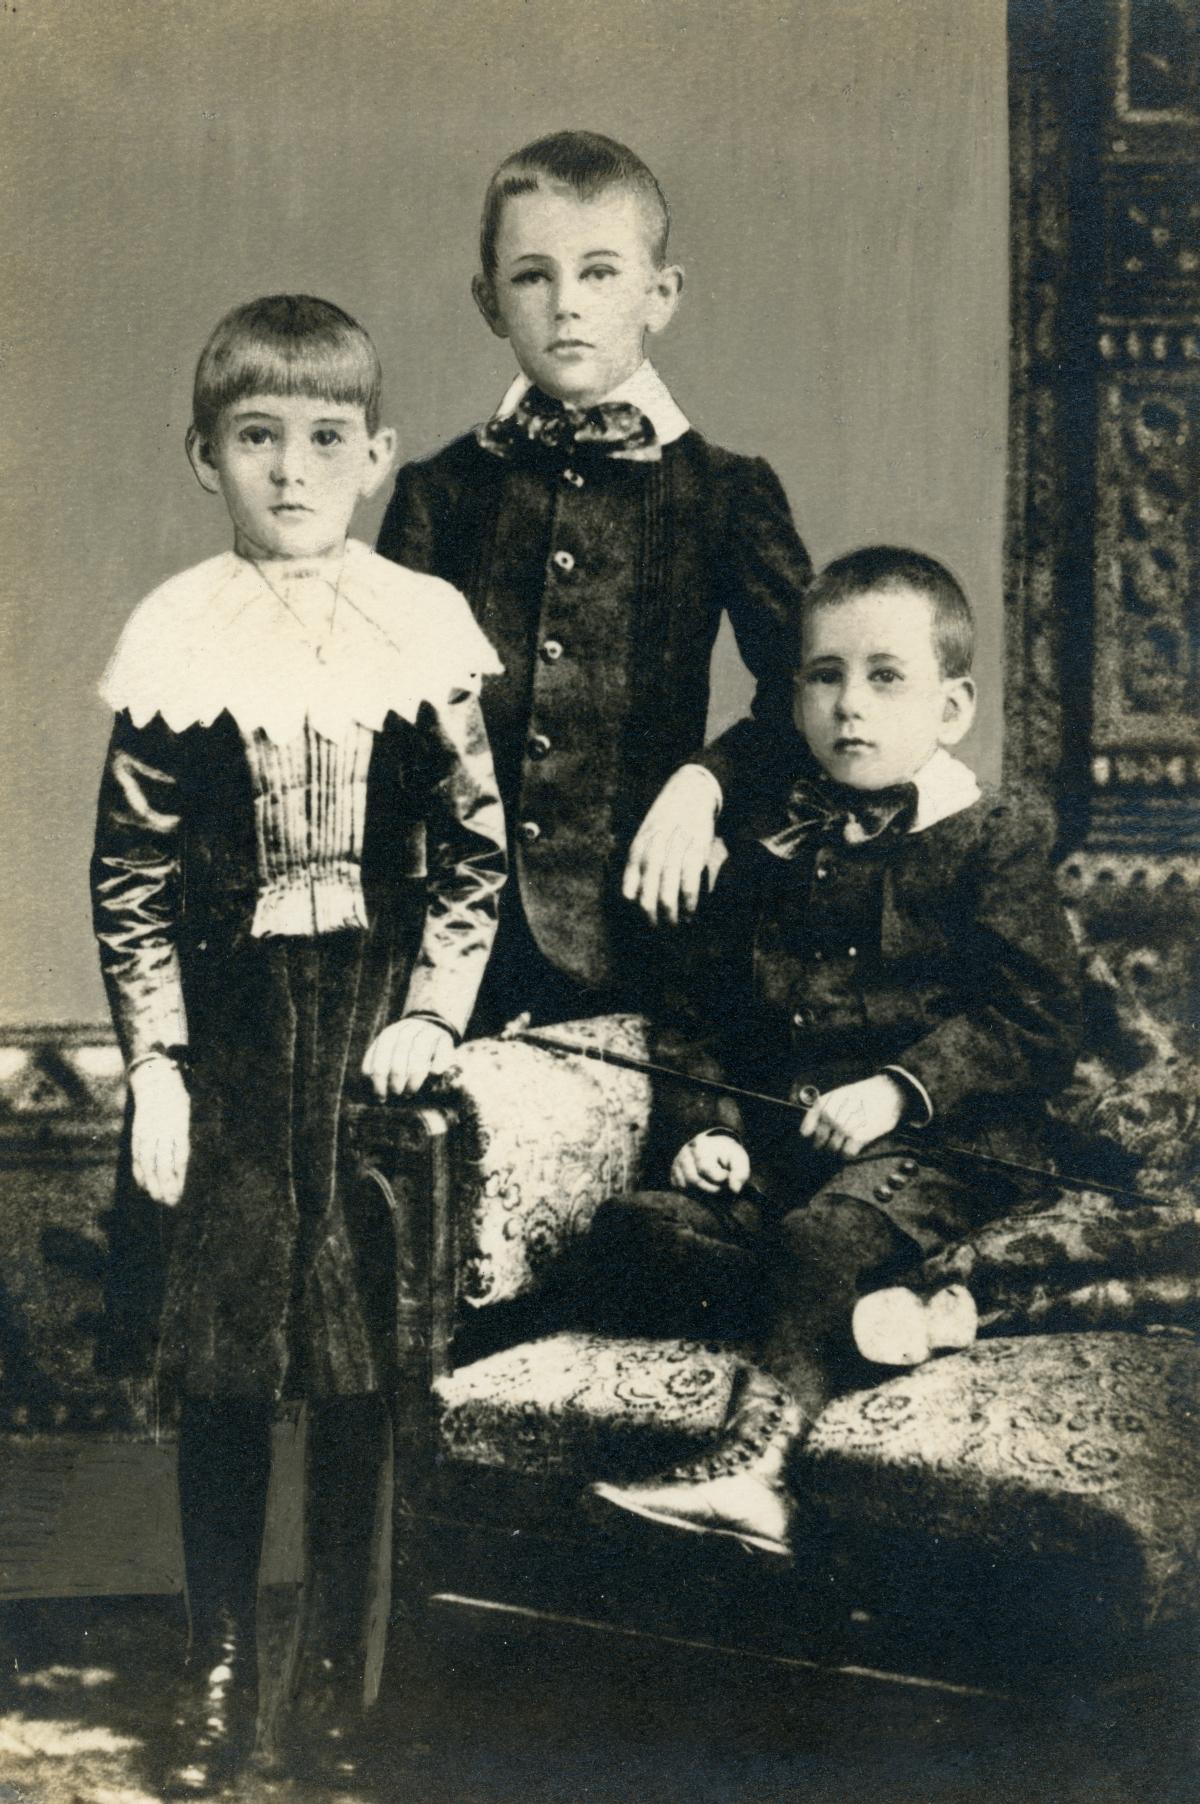 Portrait of Blanding siblings in Newark, N.Y.